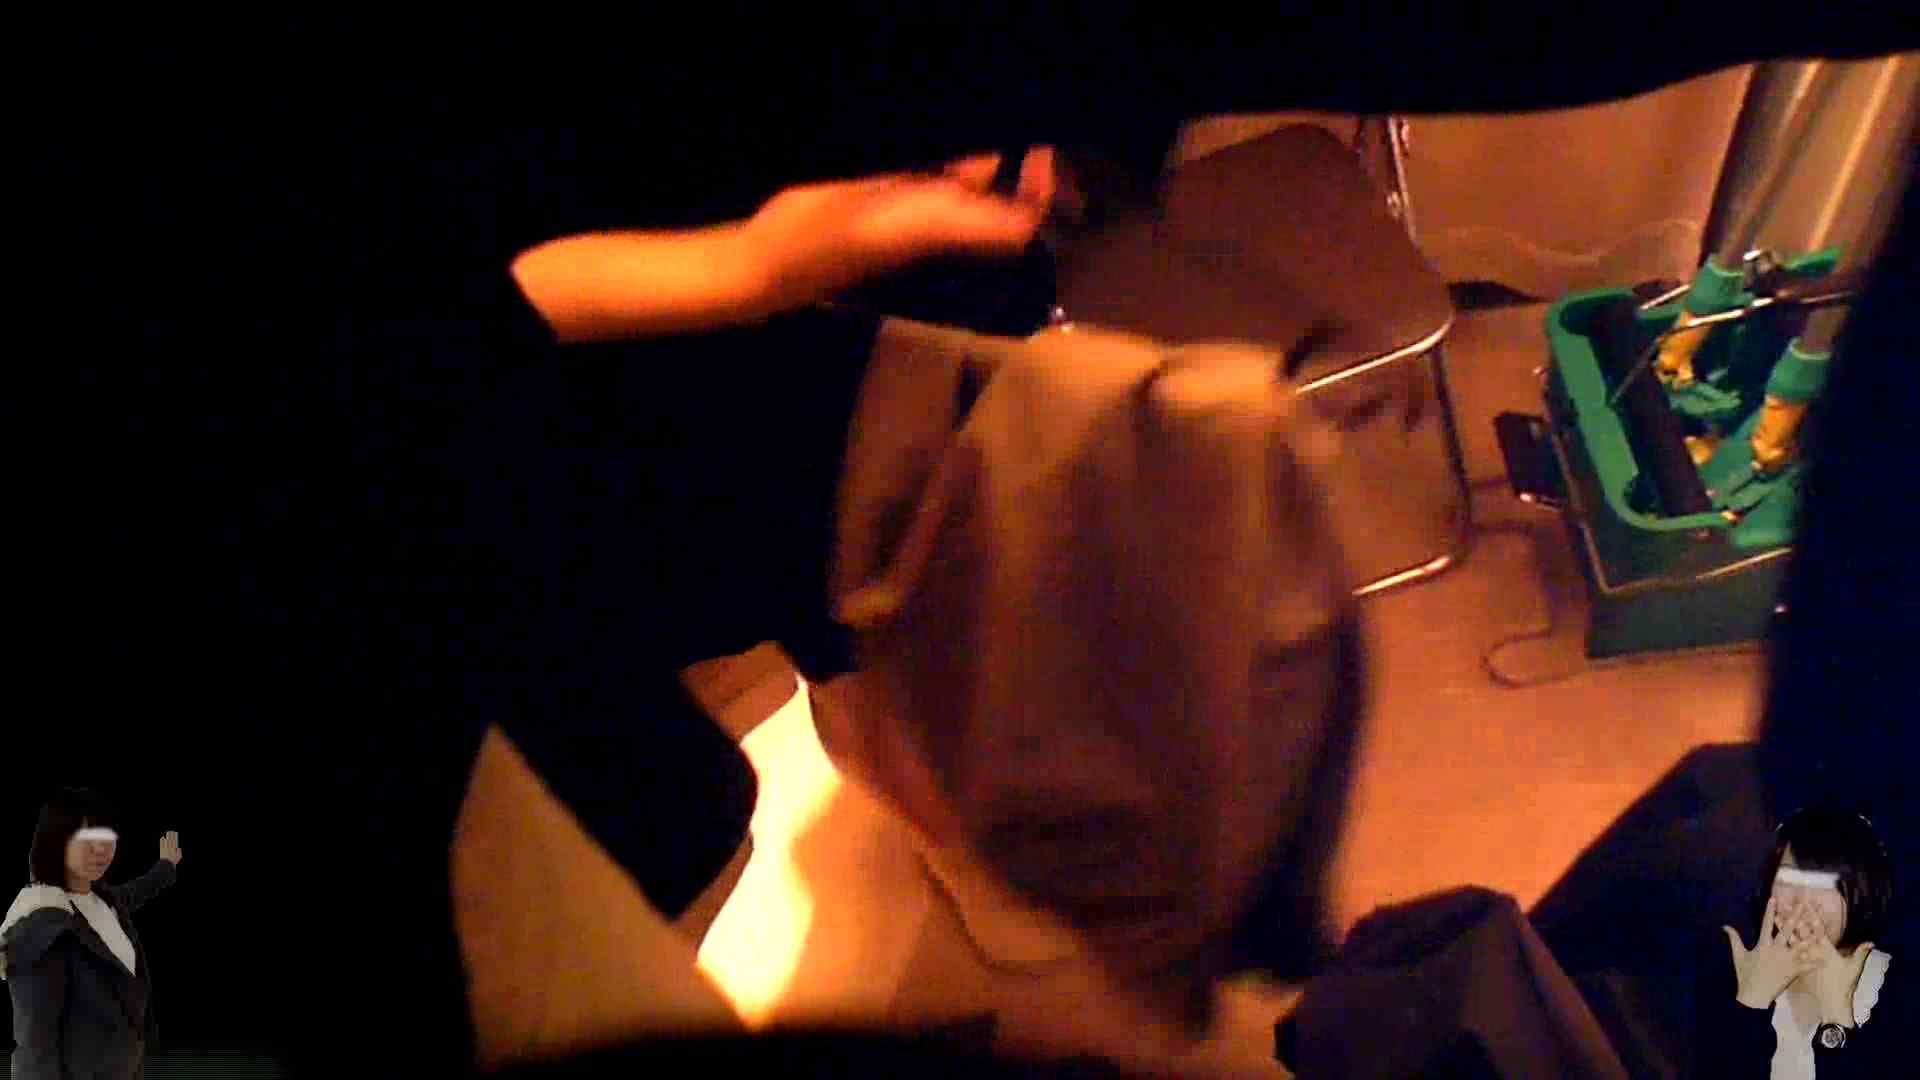 素人投稿 現役「JD」Eちゃんの着替え Vol.04 美しいOLの裸体   投稿  107pic 101